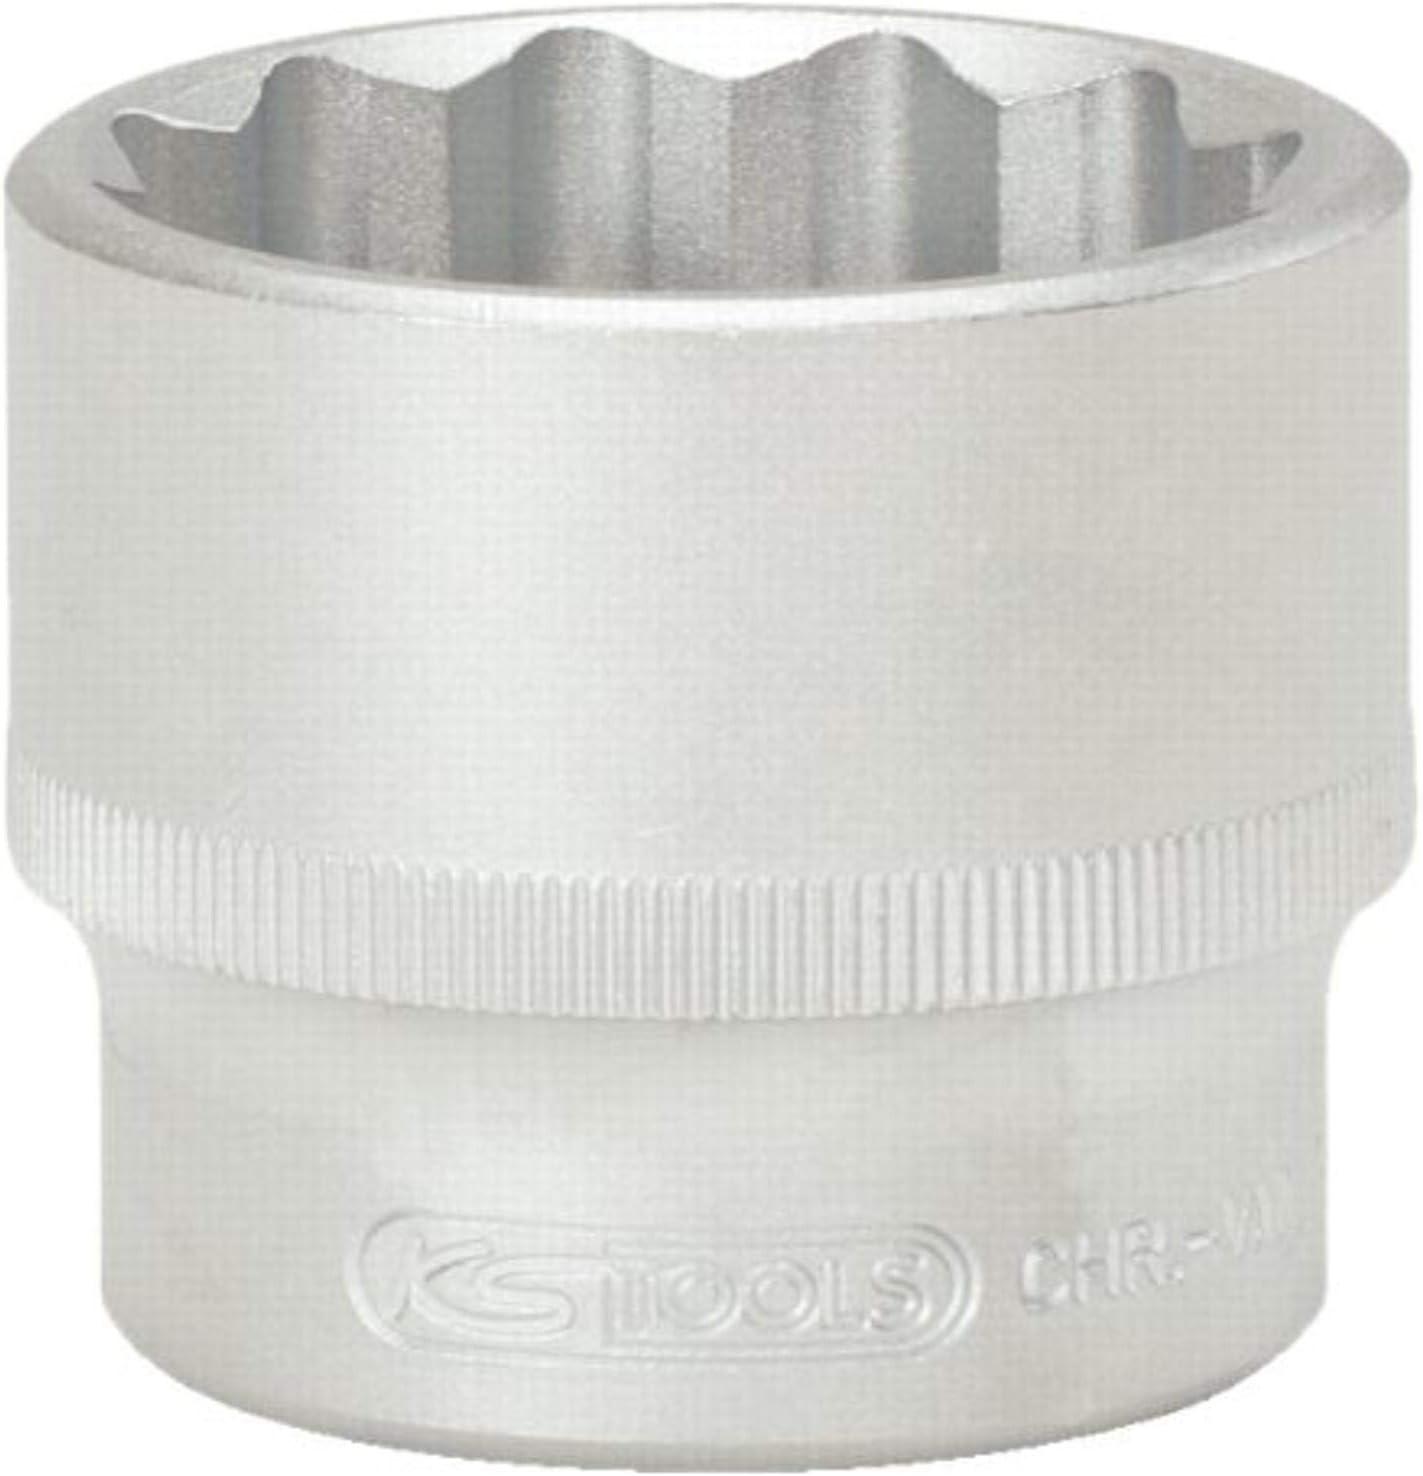 36 mm KS HERRAMIENTAS 922.1290 Largo de 12 lados socket ULTIMATE/® 1//2